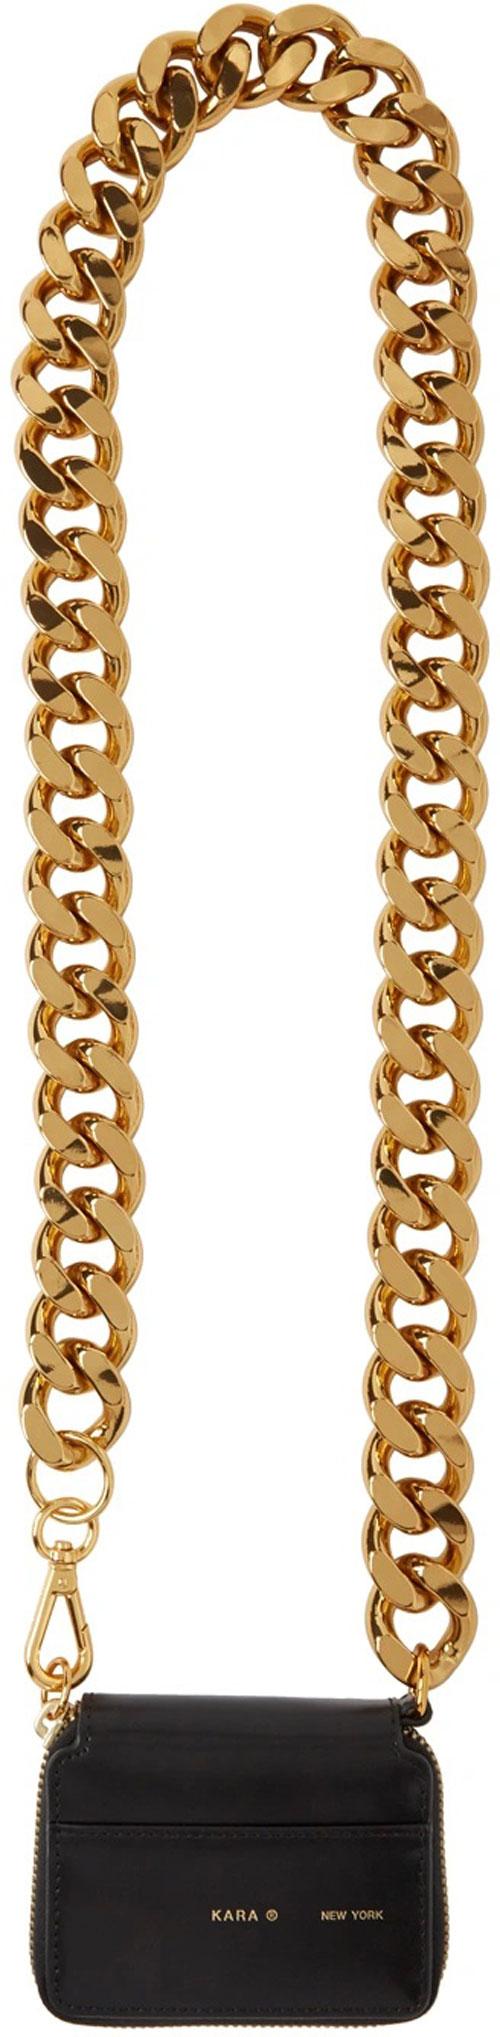 10_ssense-kara-lack-gold-chain-bike-wallet-bag